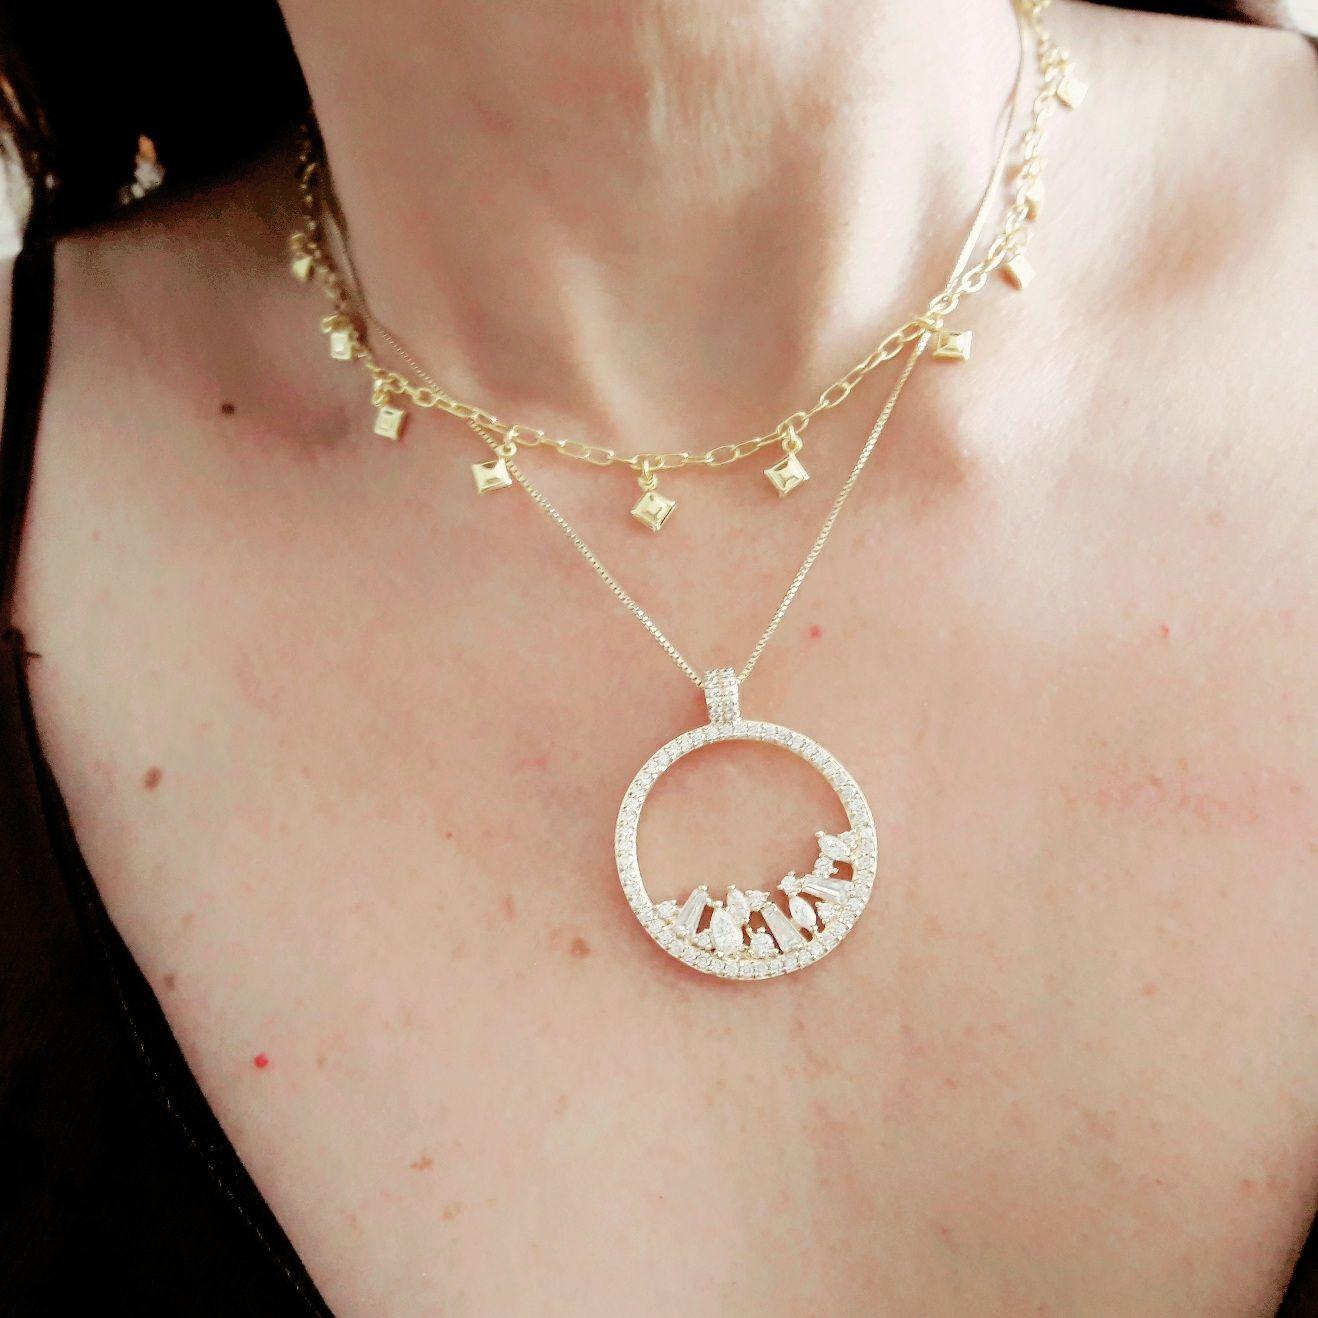 Colar Mandala Curto Semijoia em Ouro 18K com Zircônia Branca  - Soloyou